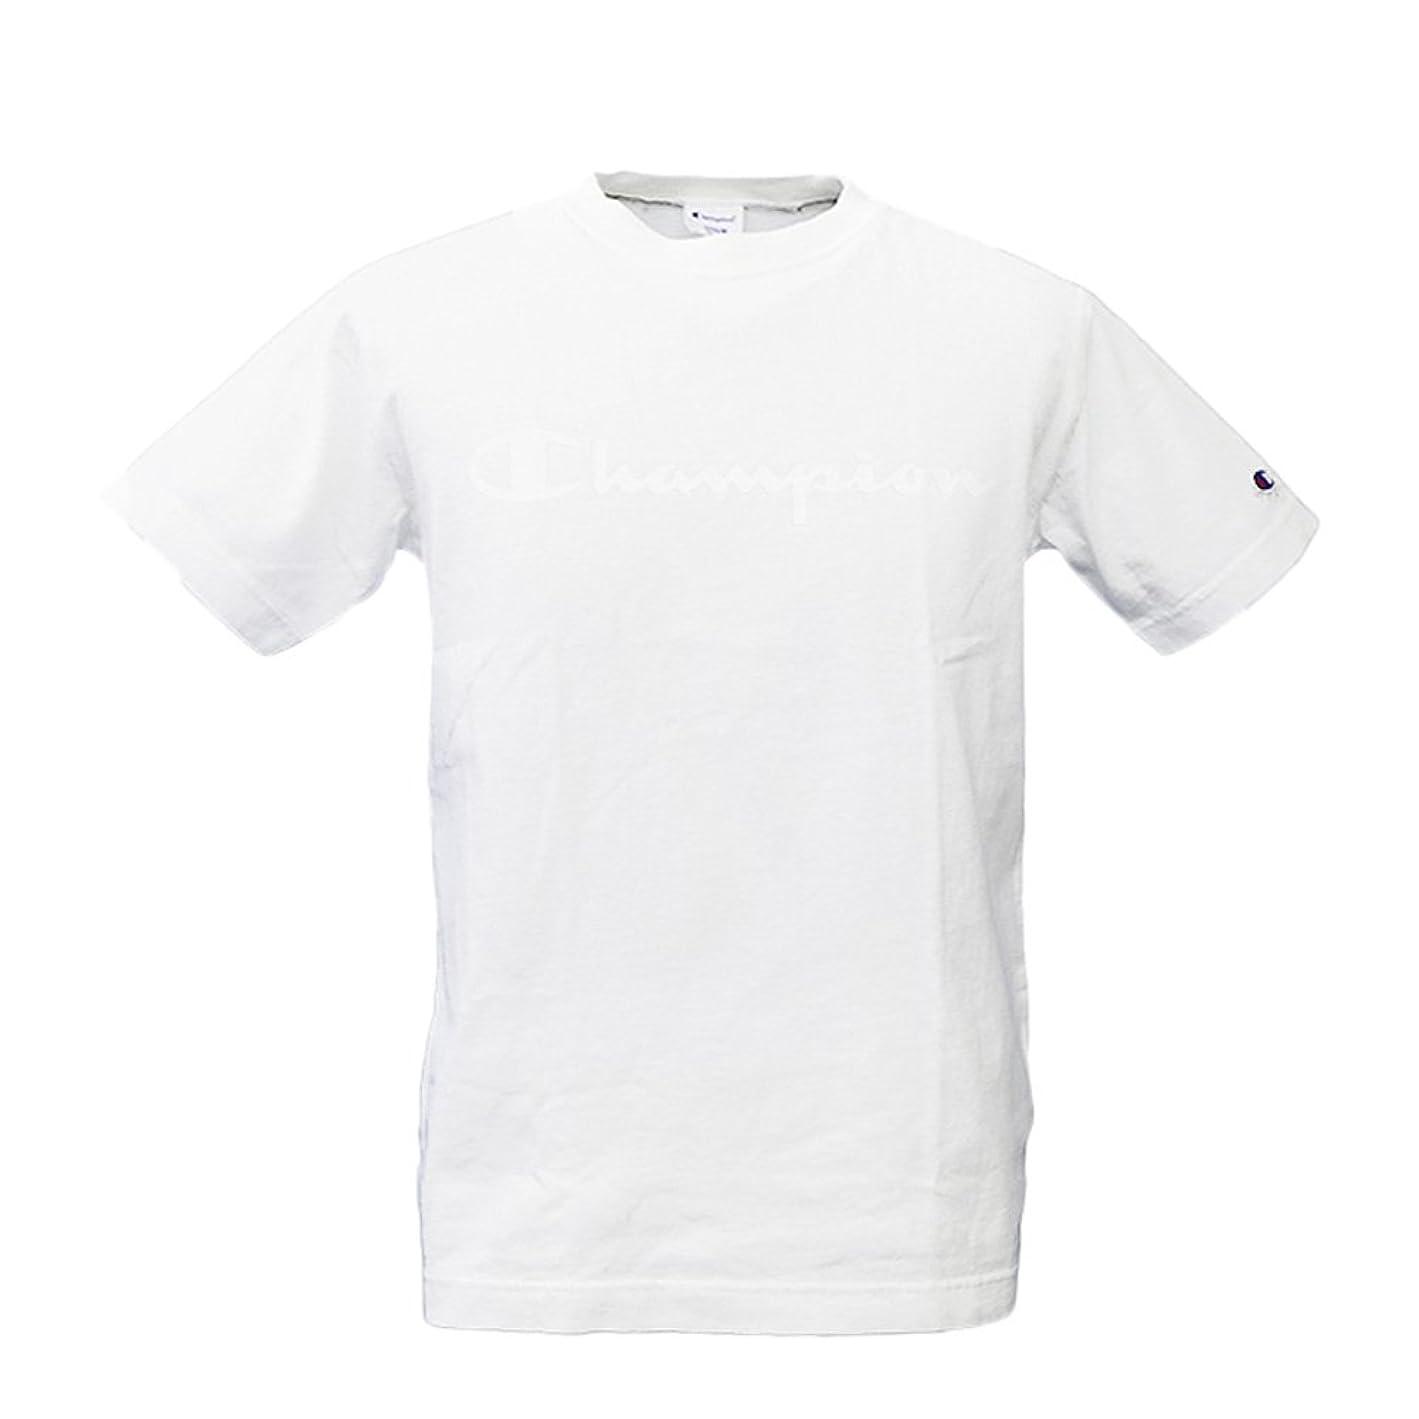 エントリホイップ算術チャンピオン Tシャツ メンズ 上 Champion 半袖